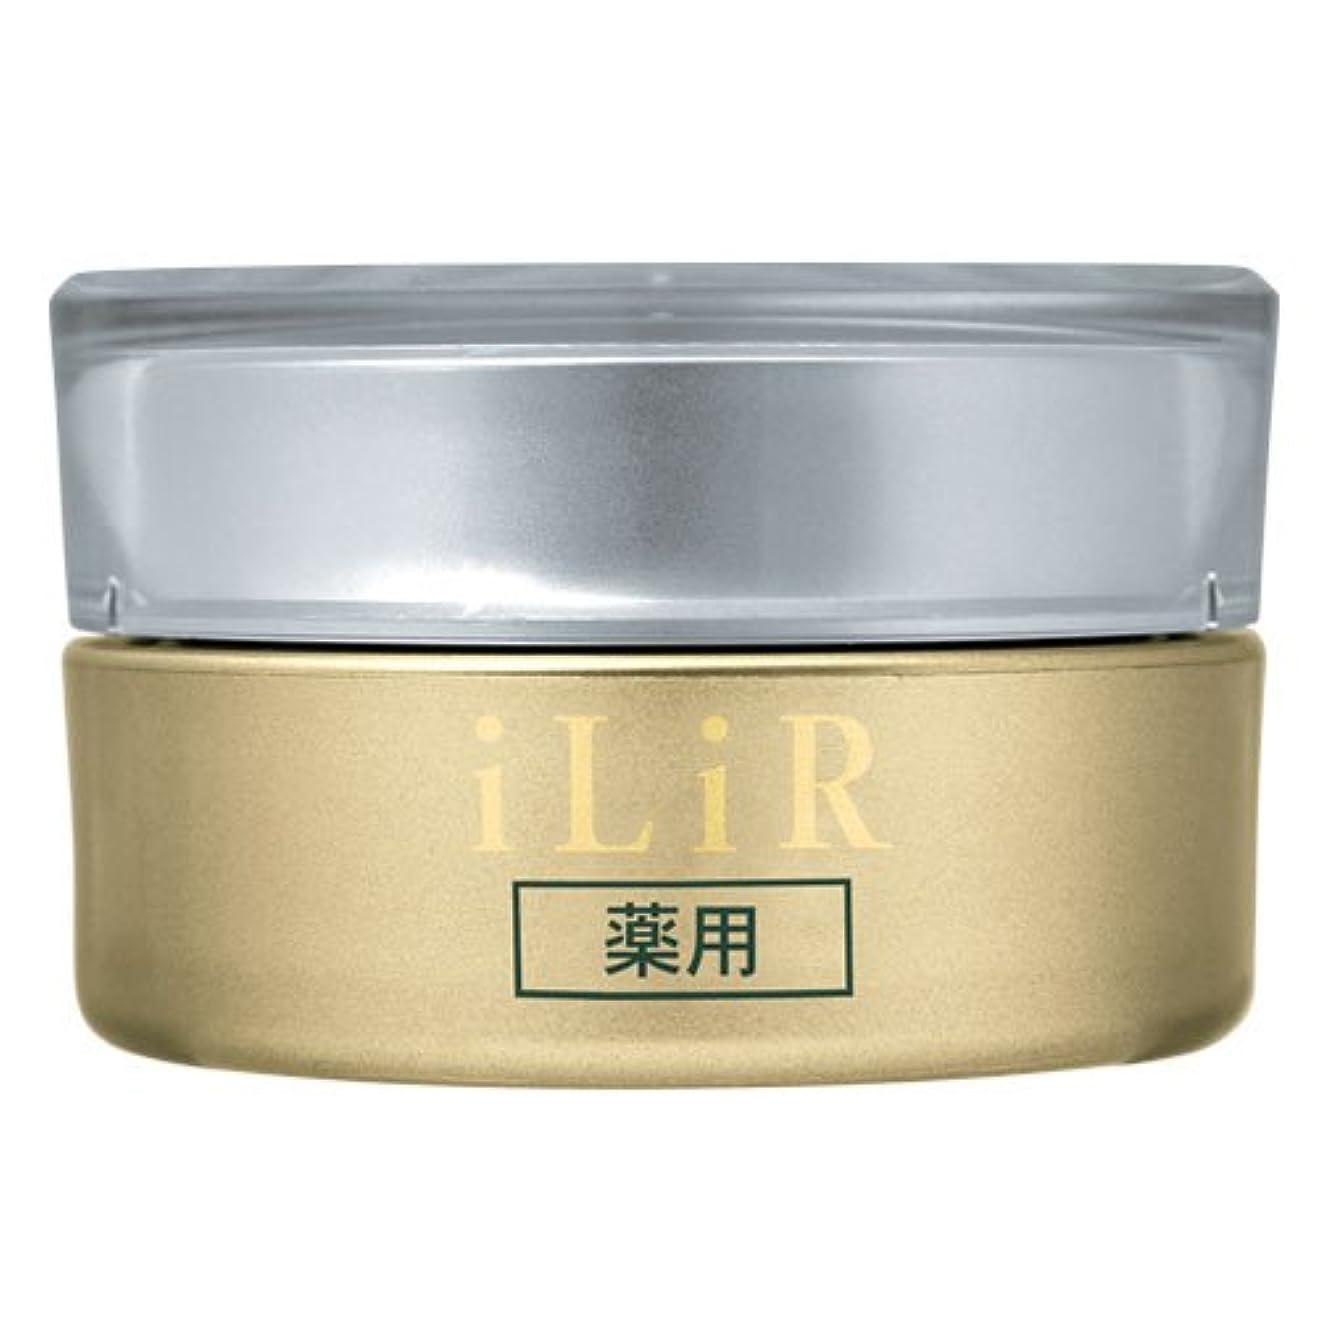 ミシン目硬い受付iLiR(イリアール) 薬用リンクルホワイトクリーム